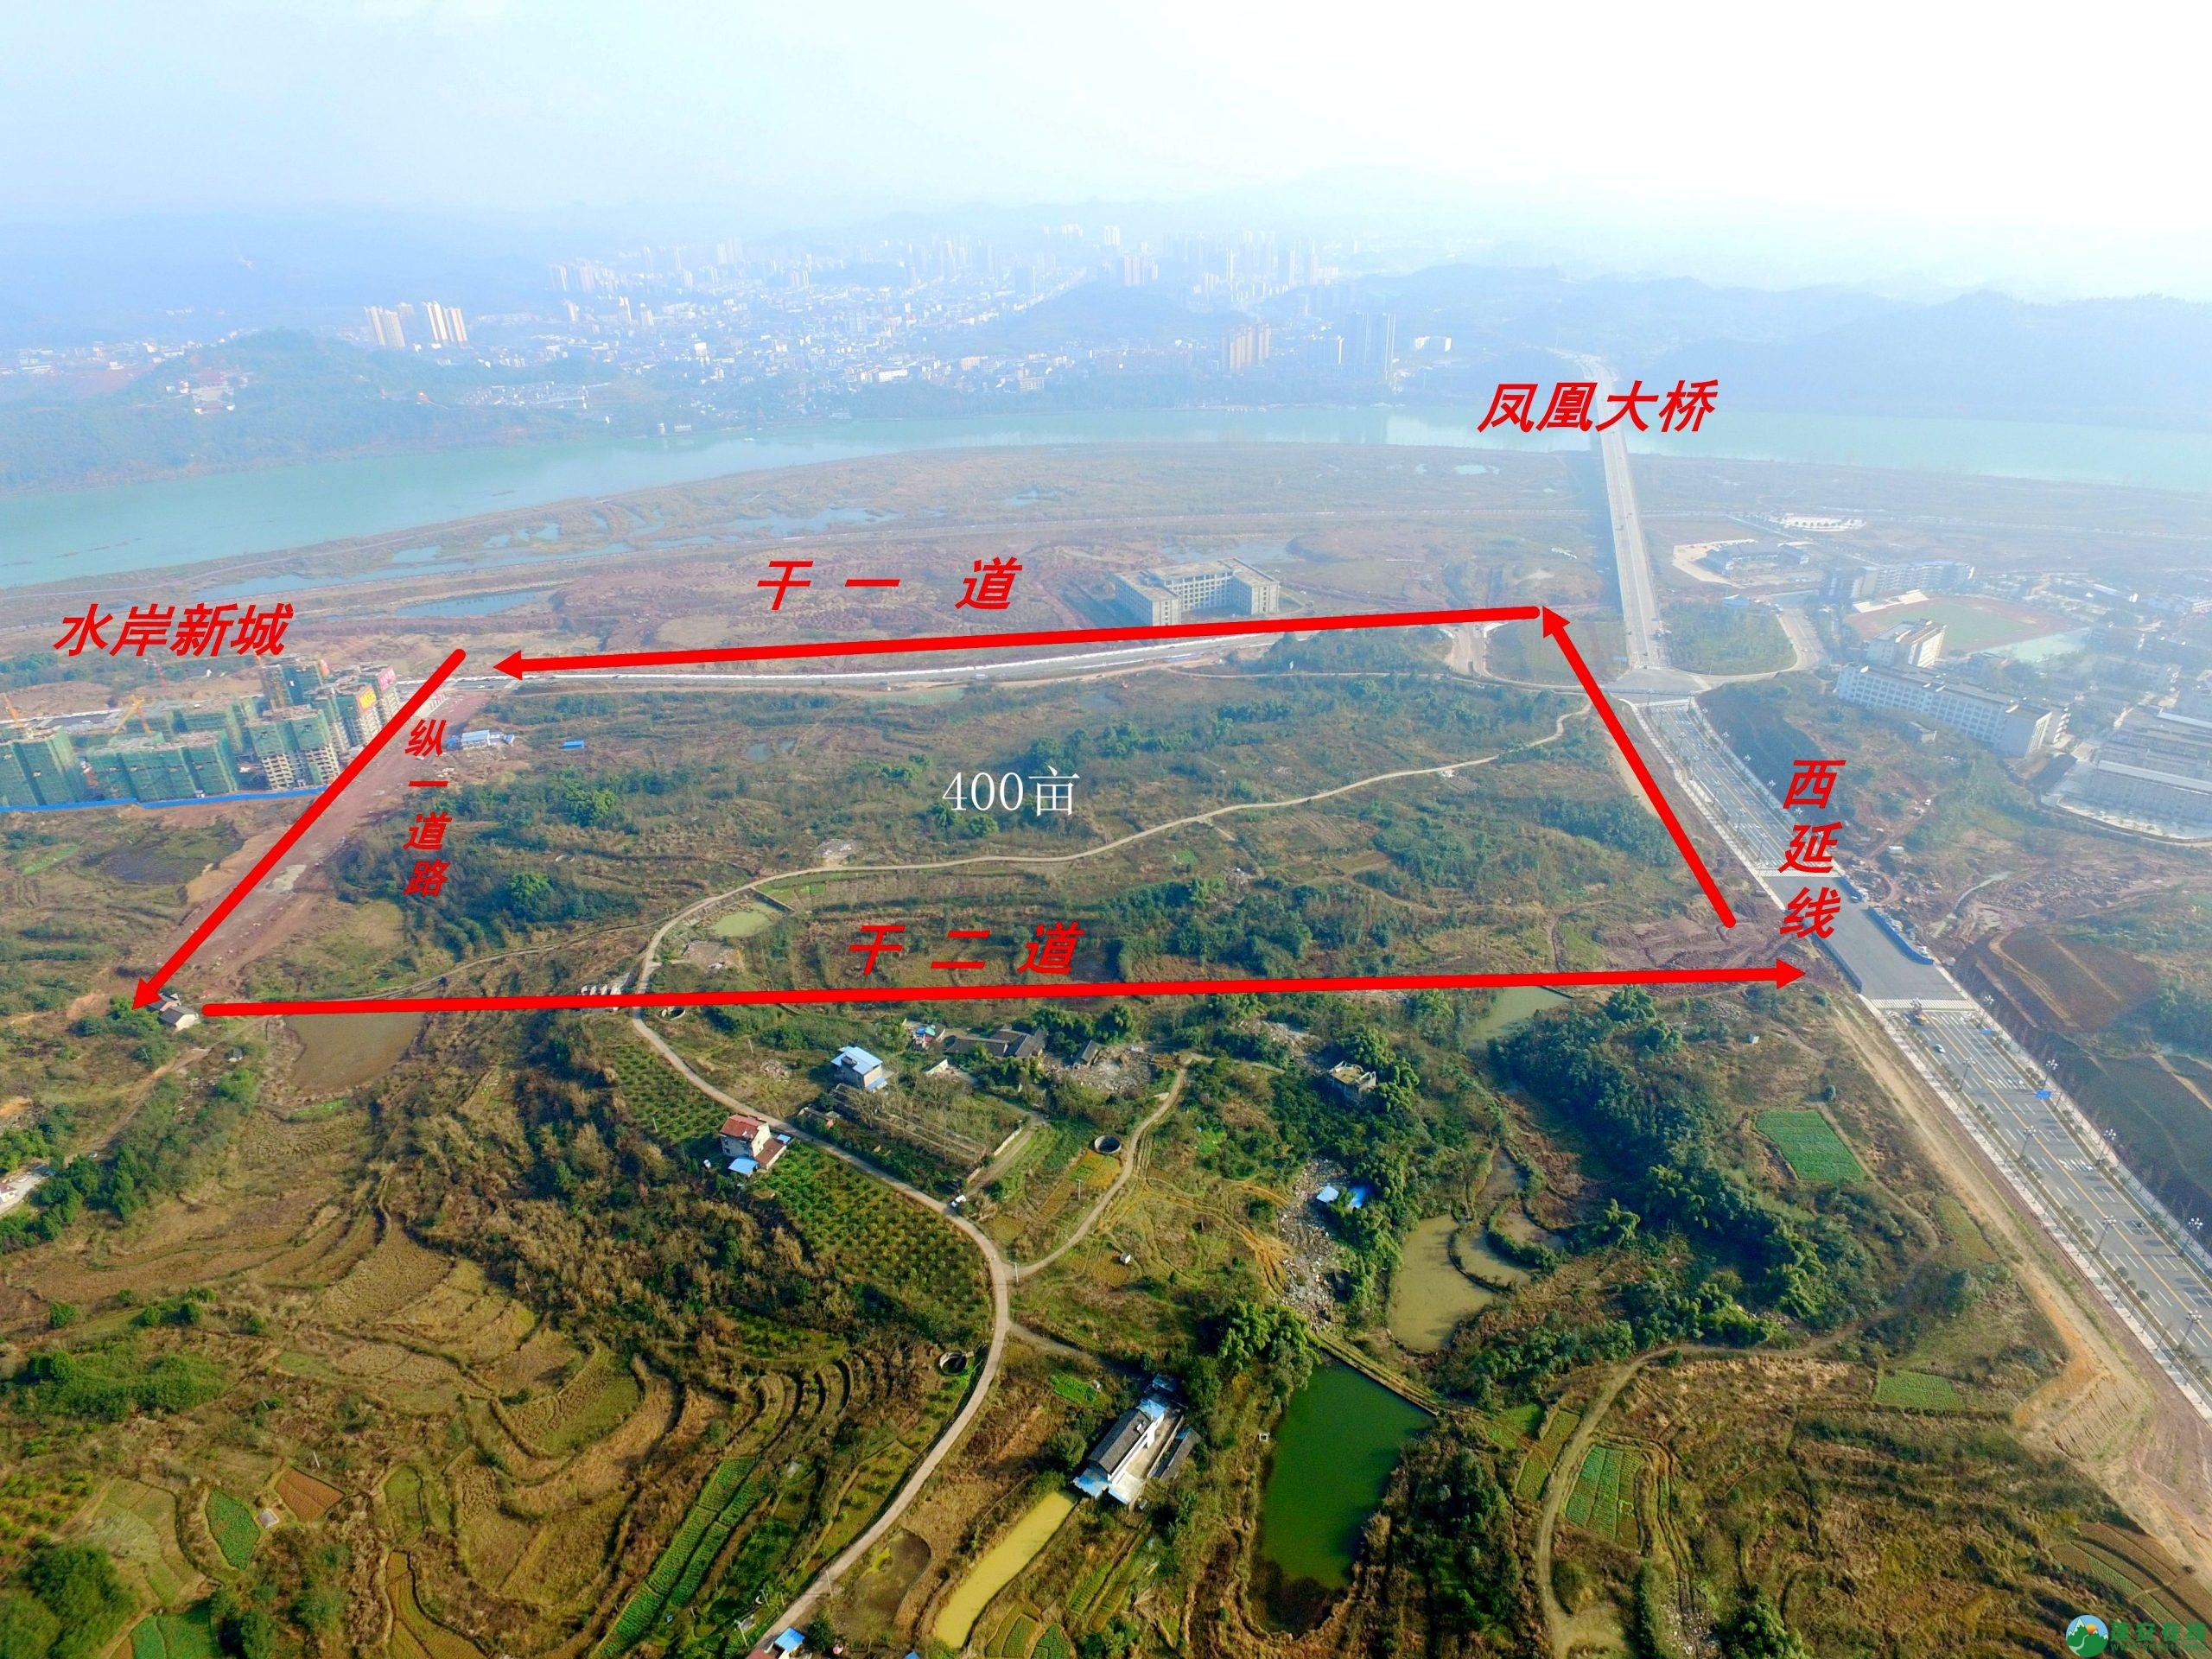 蓬安体育中心进展(2020.05.14) - 第3张  | 蓬安在线